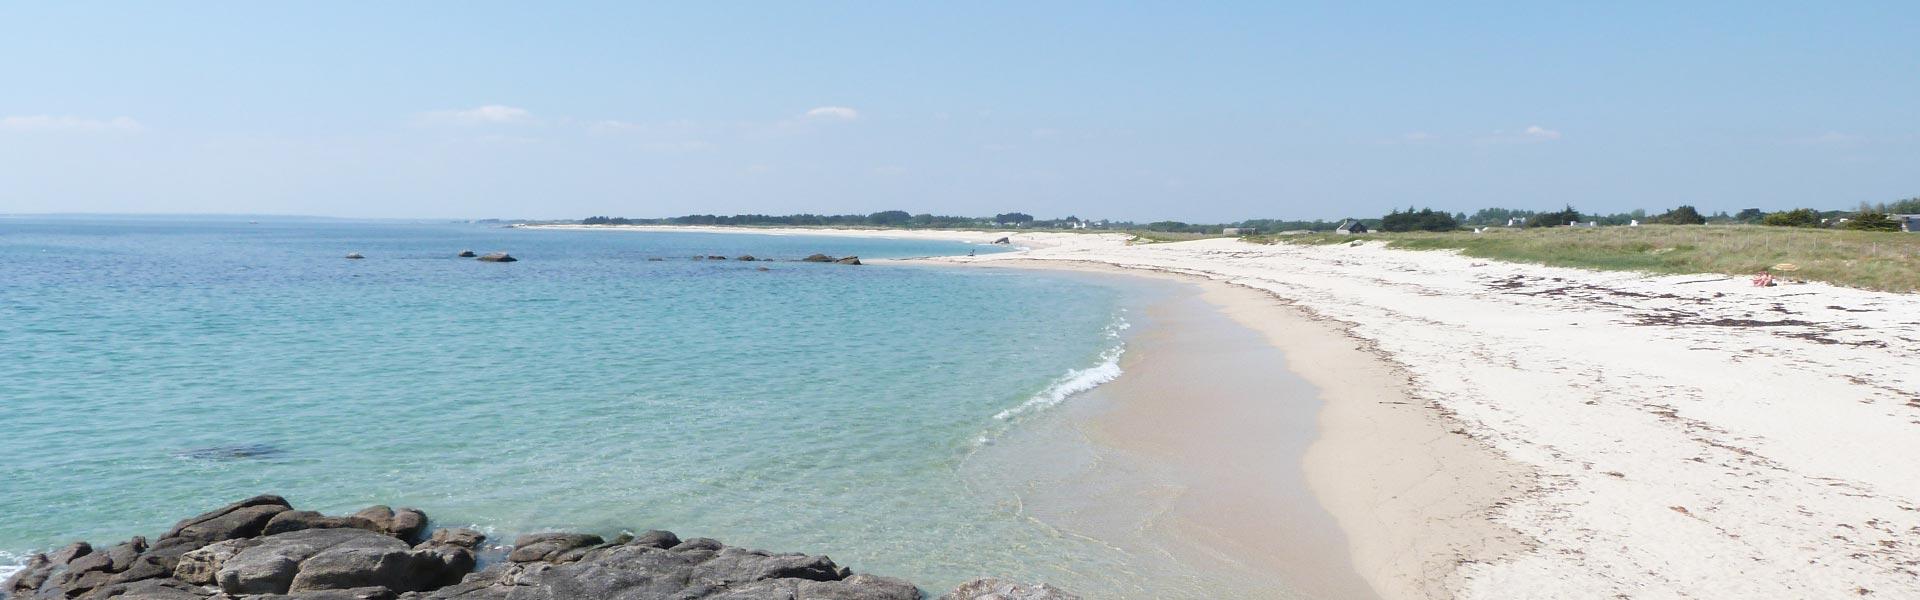 Raguenez beach